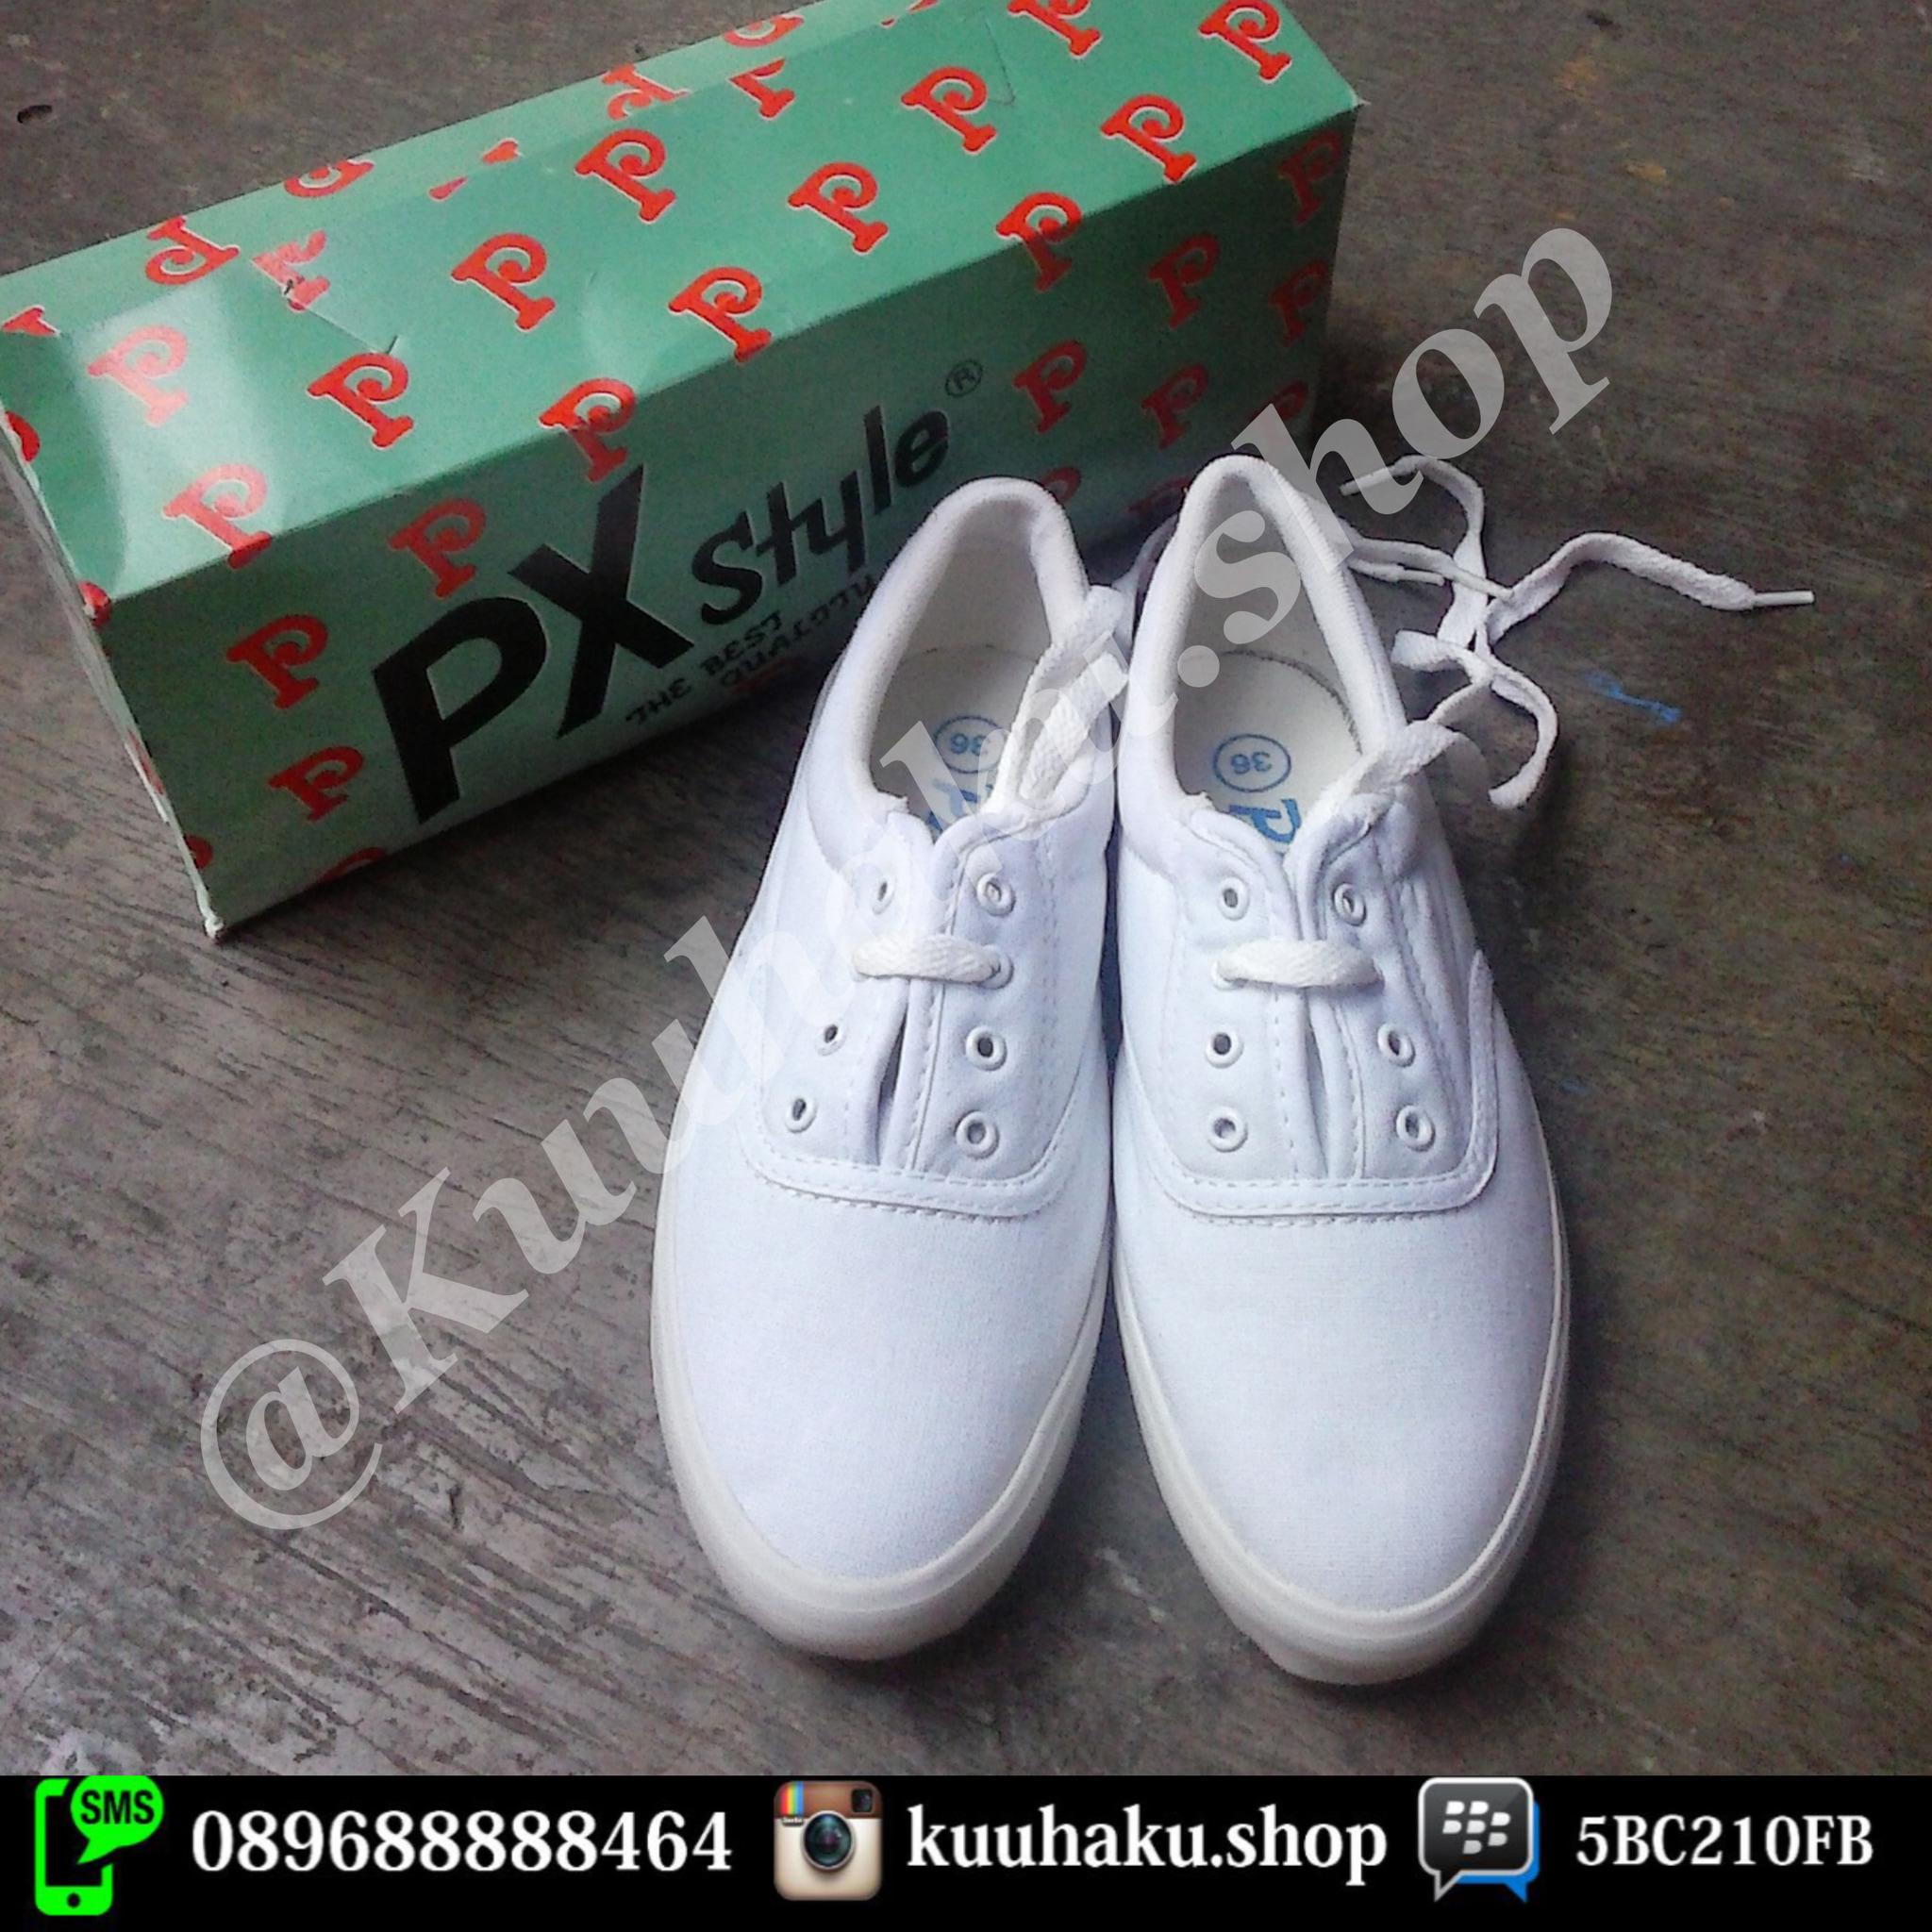 Jual Sepatu Kanvas Tali / PX Style 068 / Sepatu Tali - Kuuhaku | Tokopedia